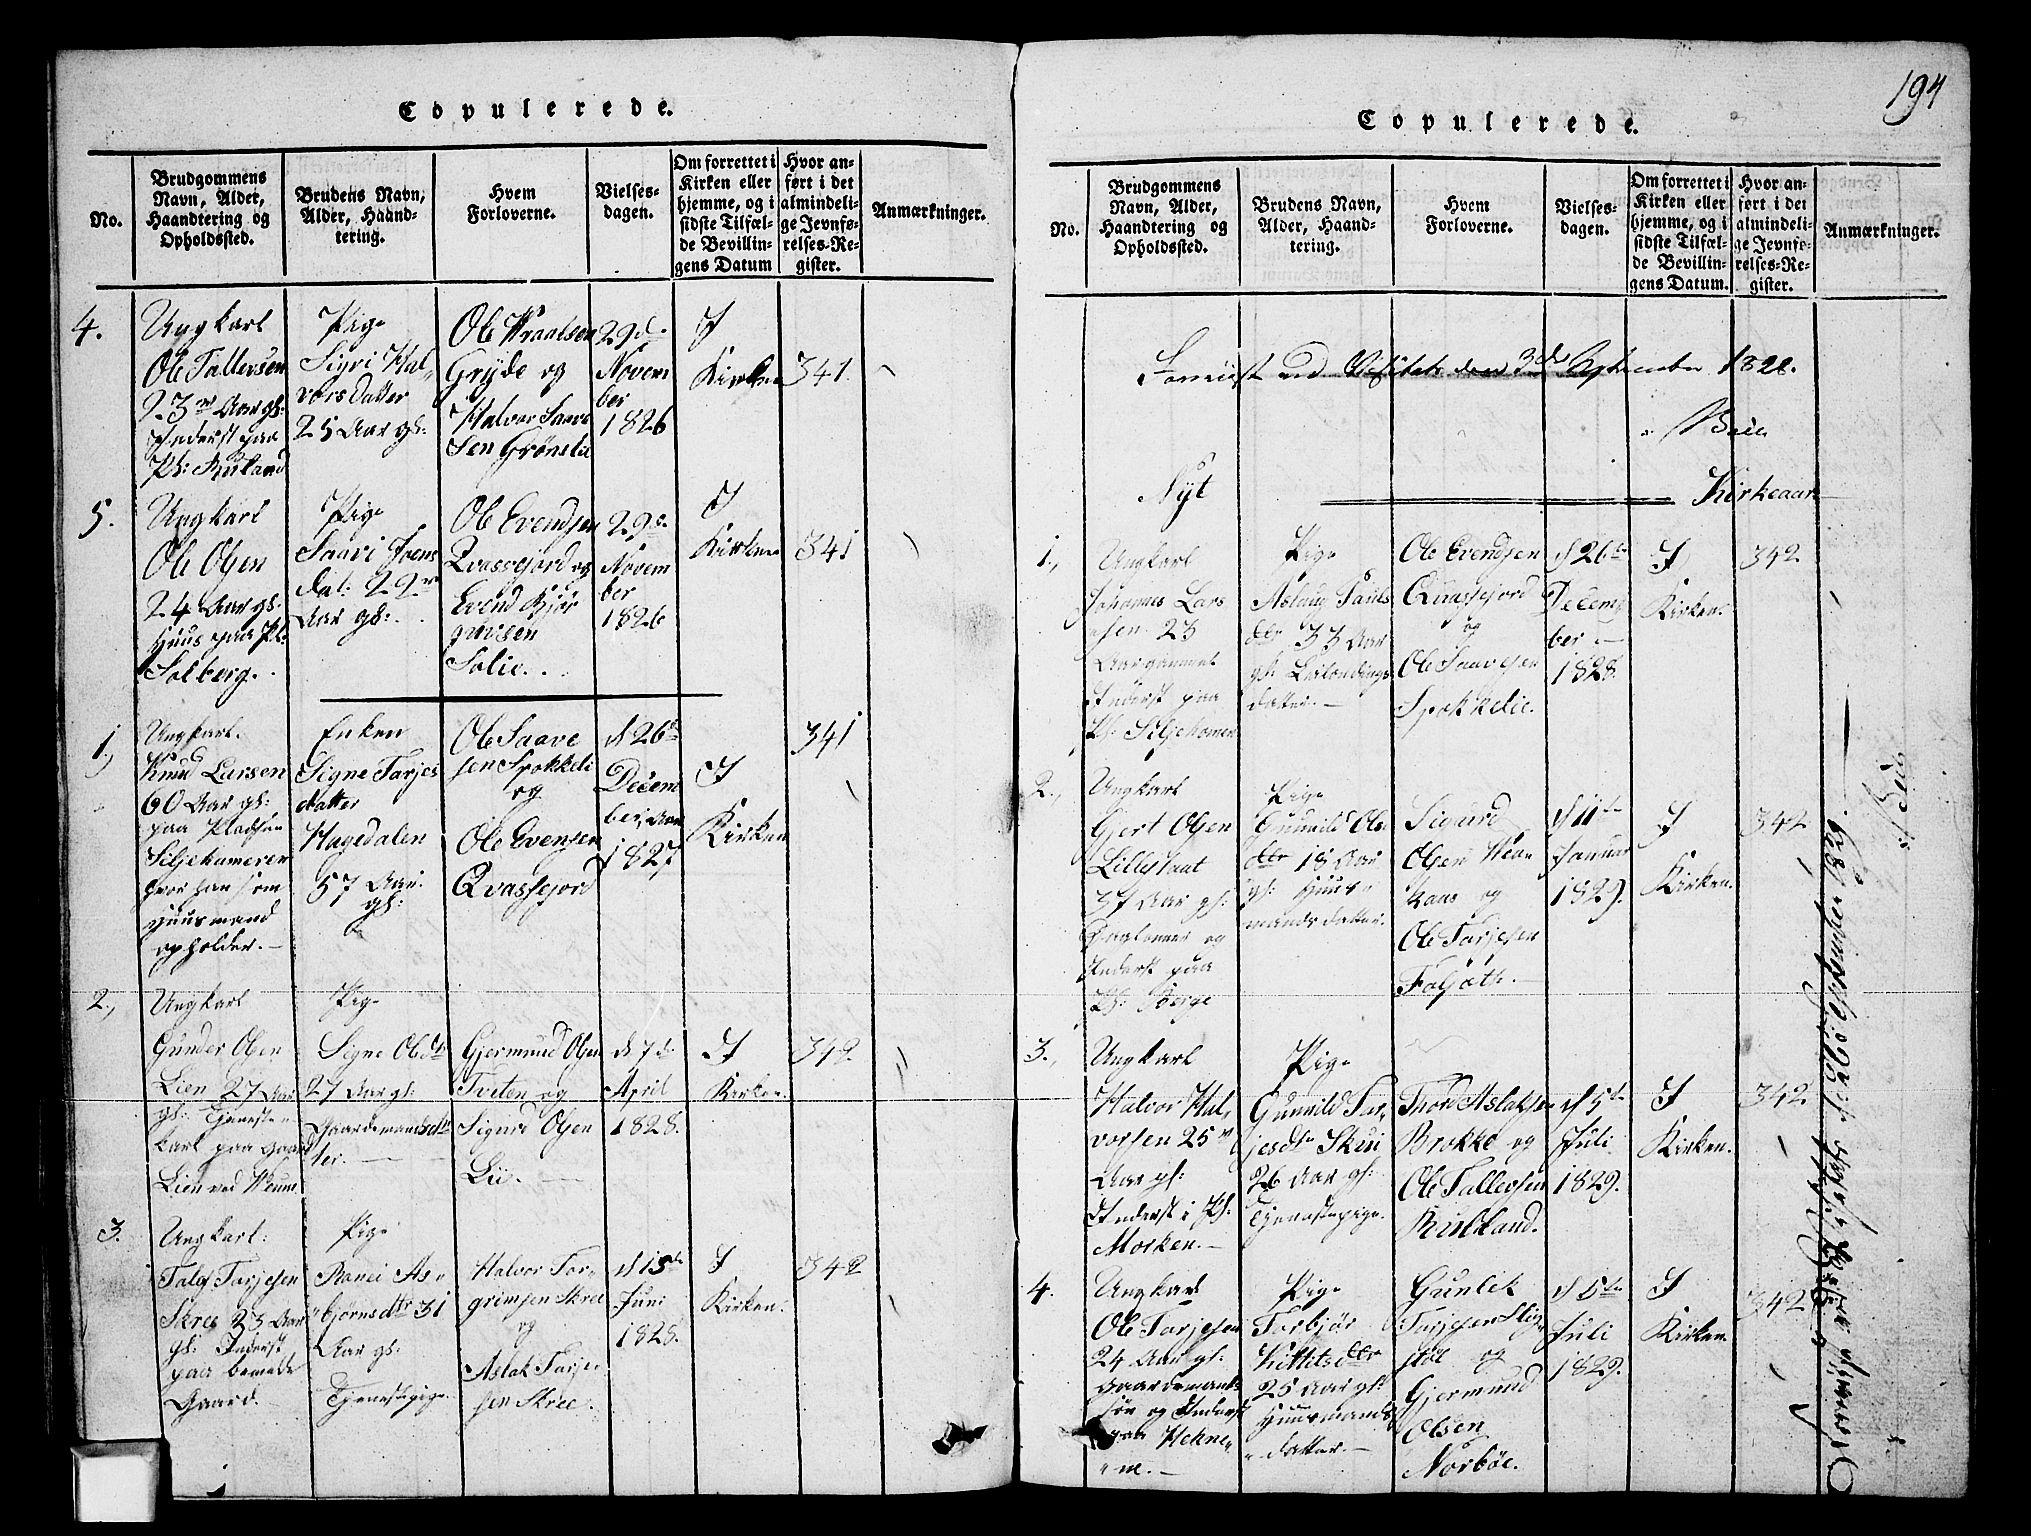 SAKO, Fyresdal kirkebøker, G/Ga/L0003: Klokkerbok nr. I 3, 1815-1863, s. 194